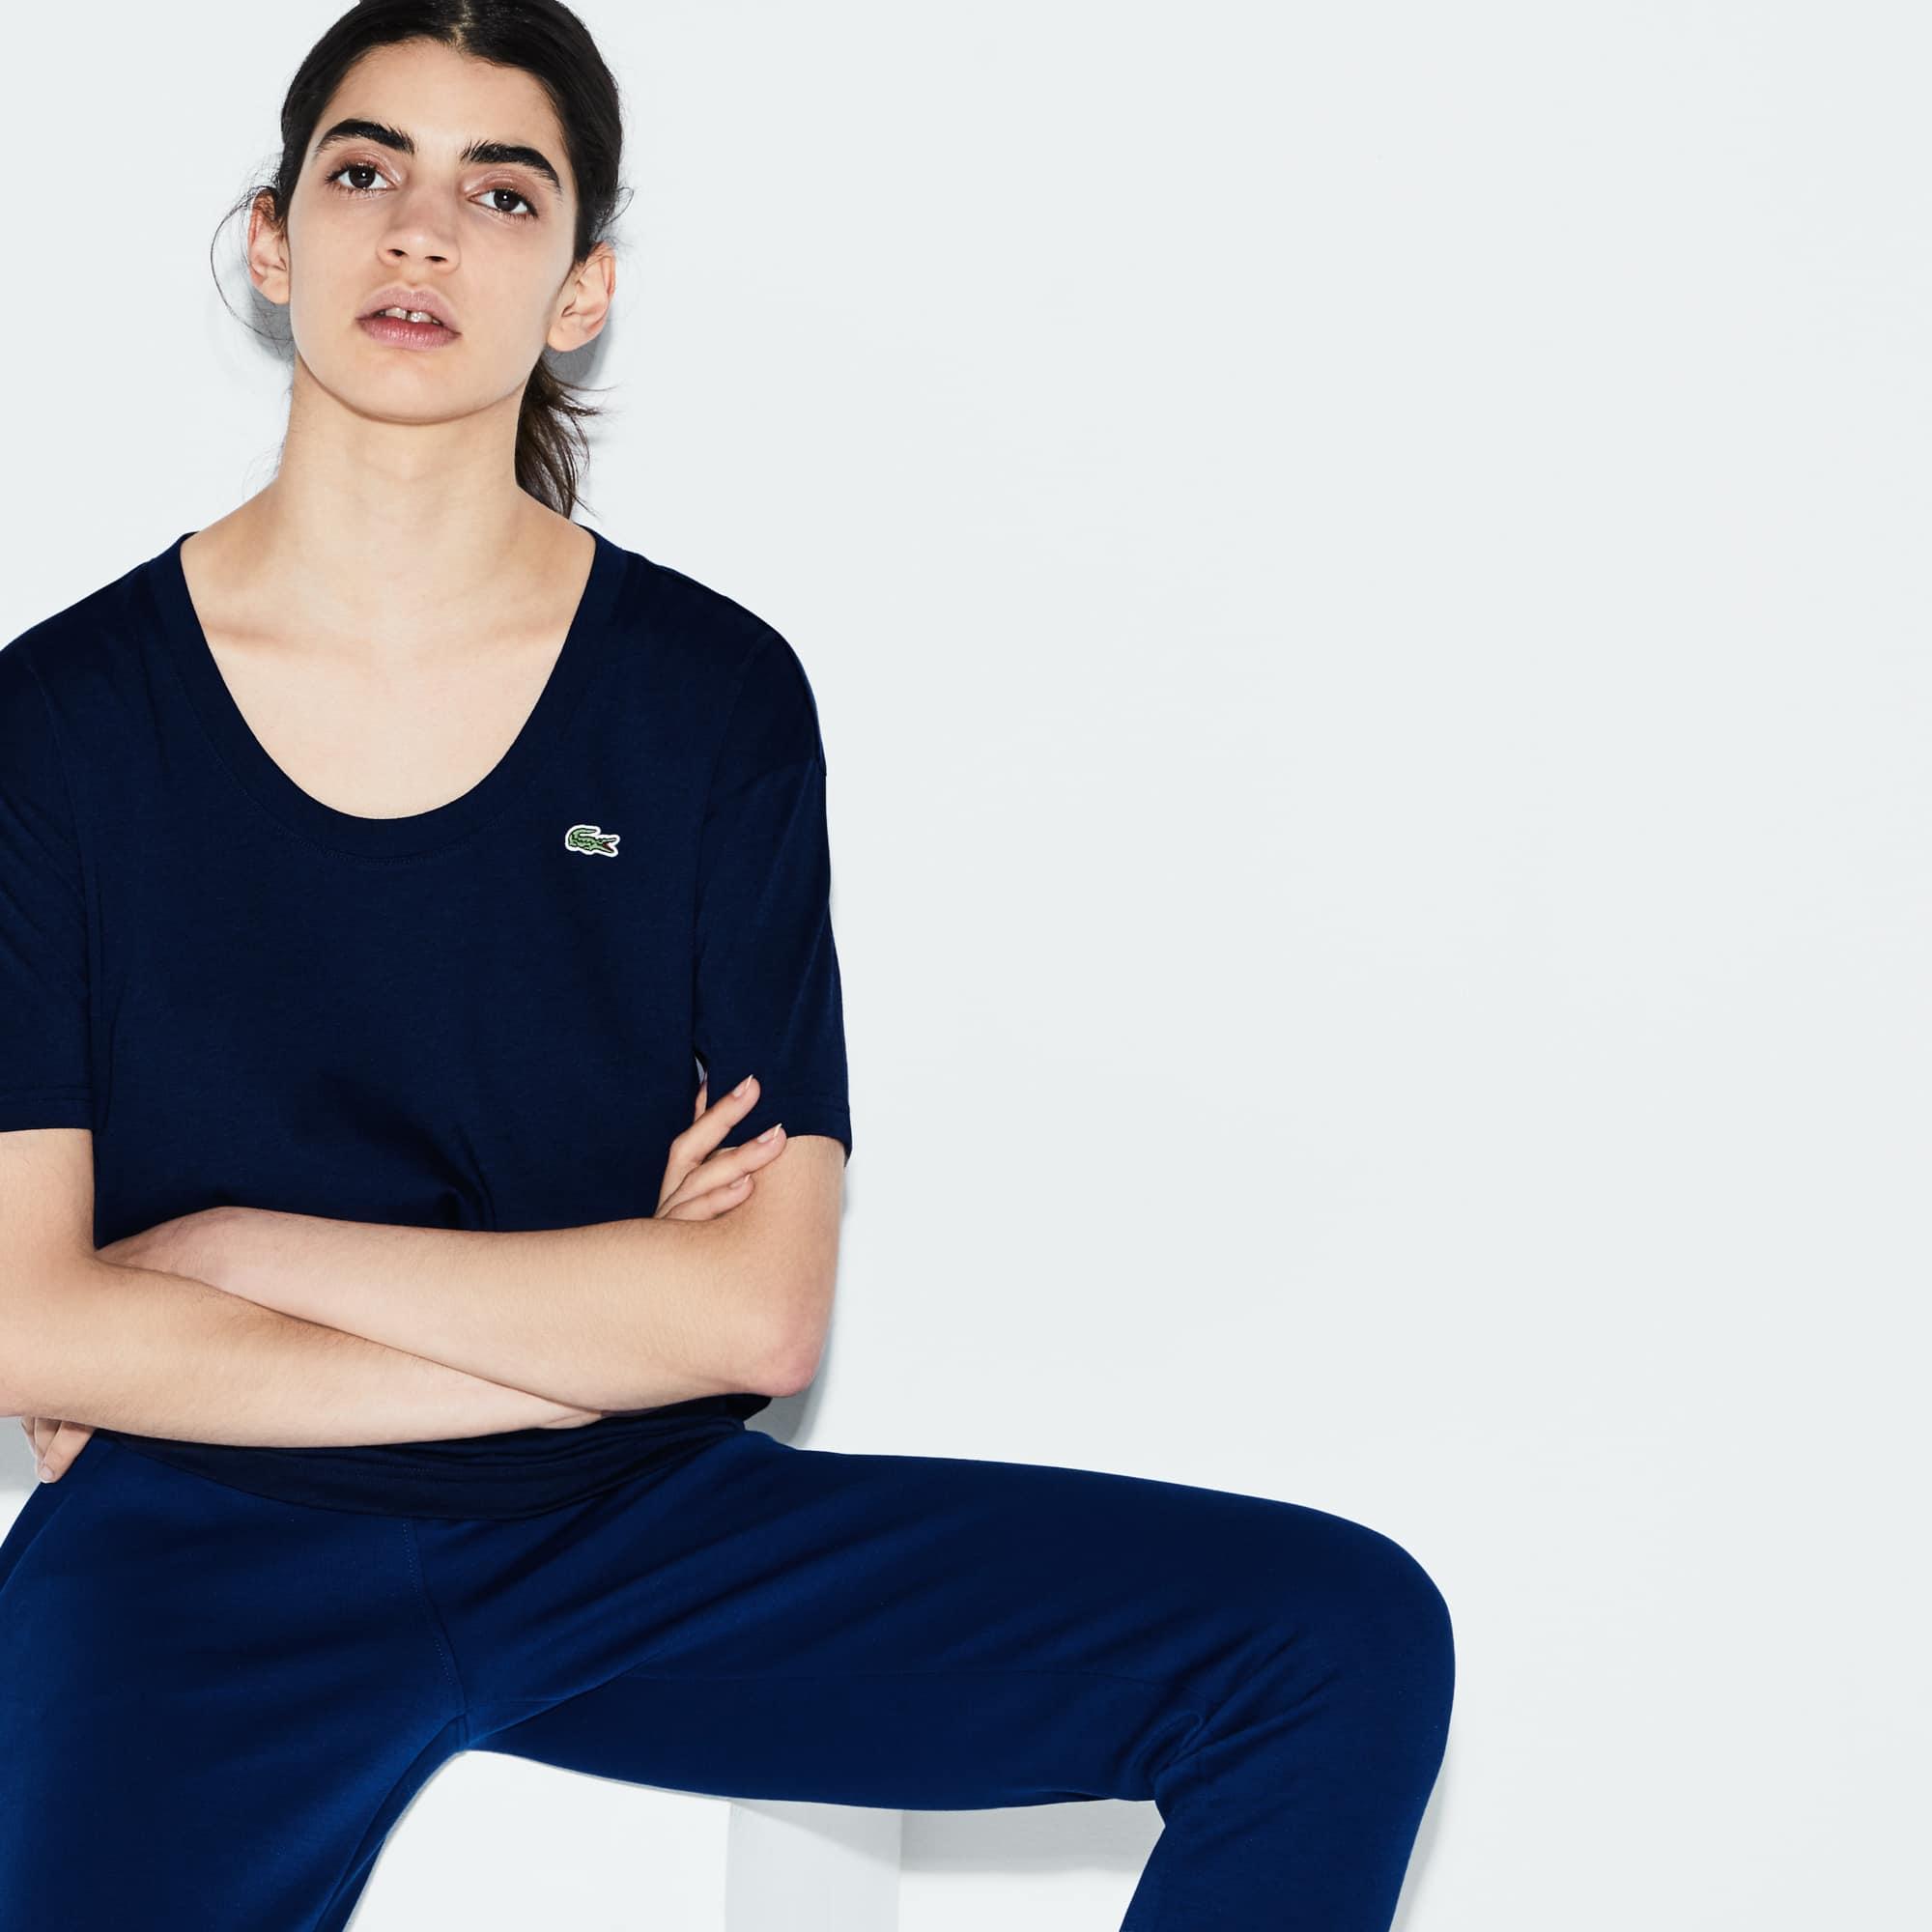 Lacoste SPORT Tennis-T-shirt dames soepele jersey met U-hals